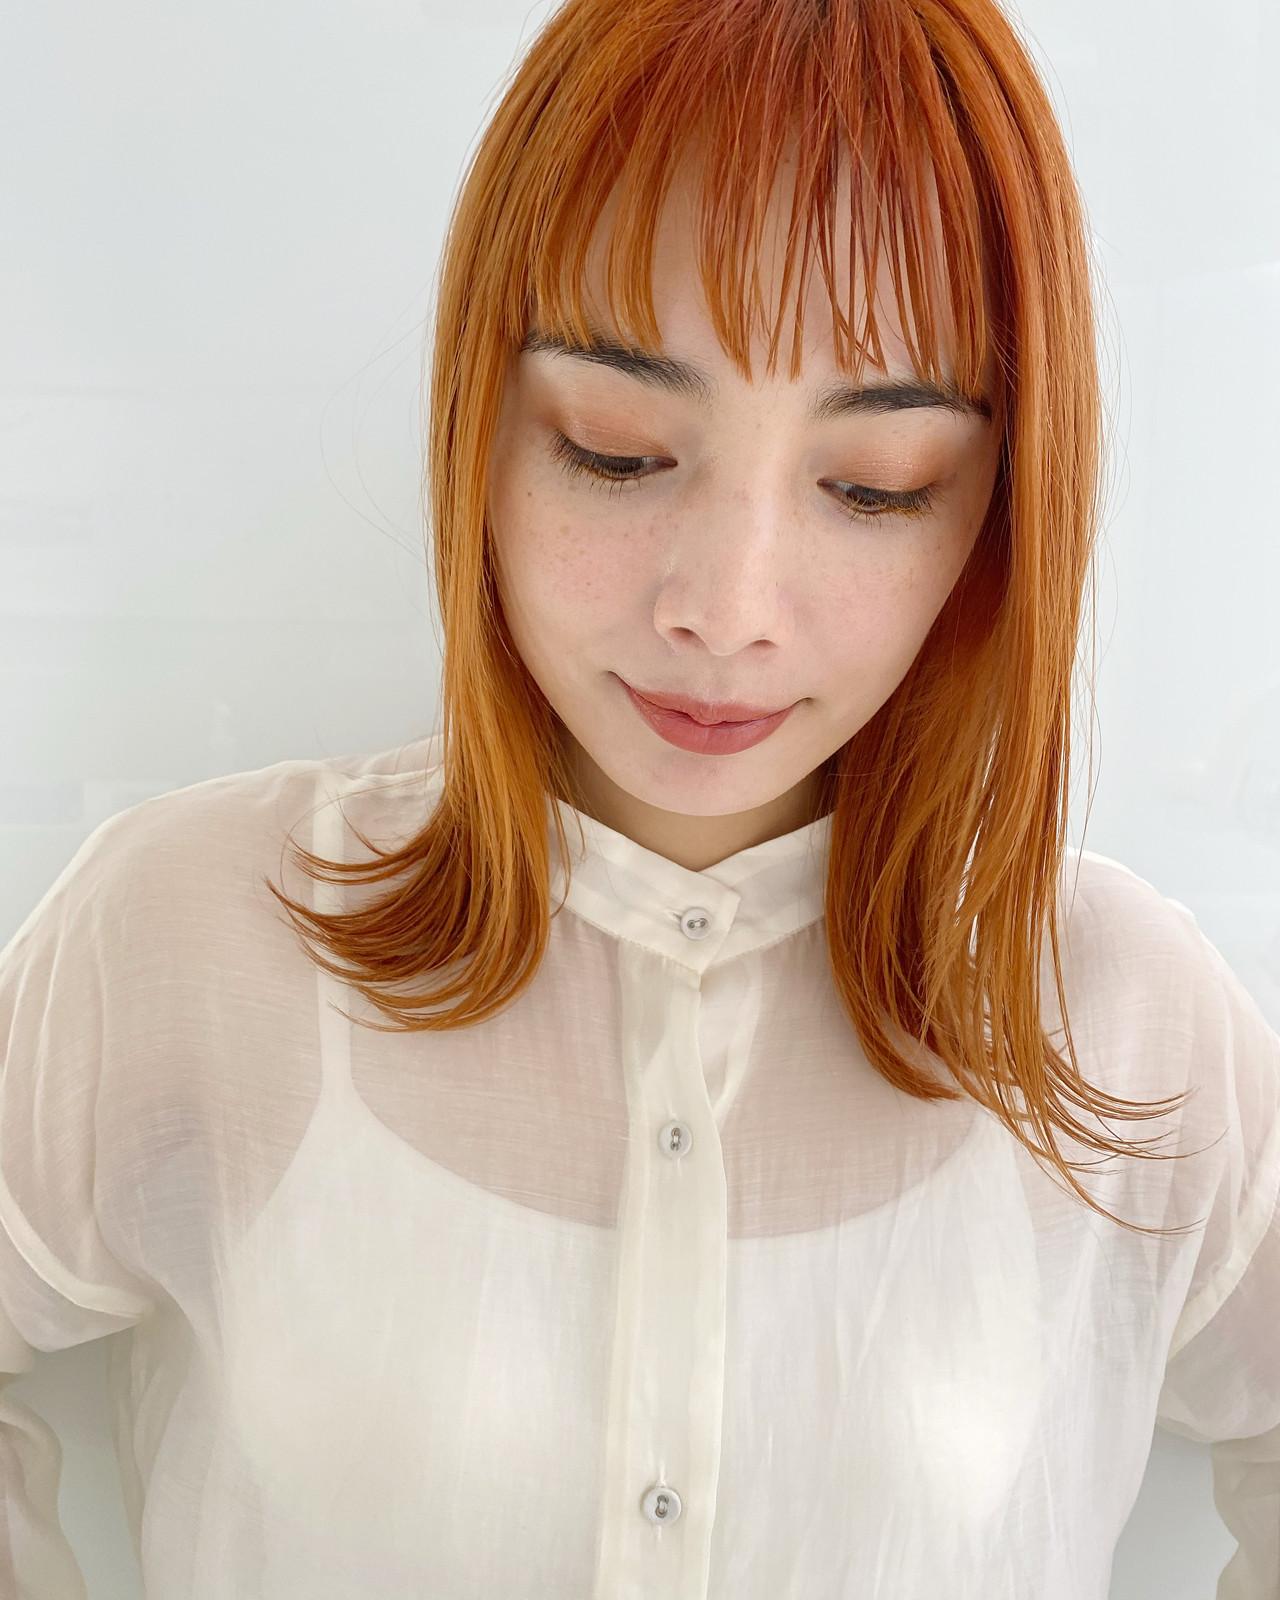 ストリート オレンジカラー オレンジベージュ アプリコットオレンジ ヘアスタイルや髪型の写真・画像